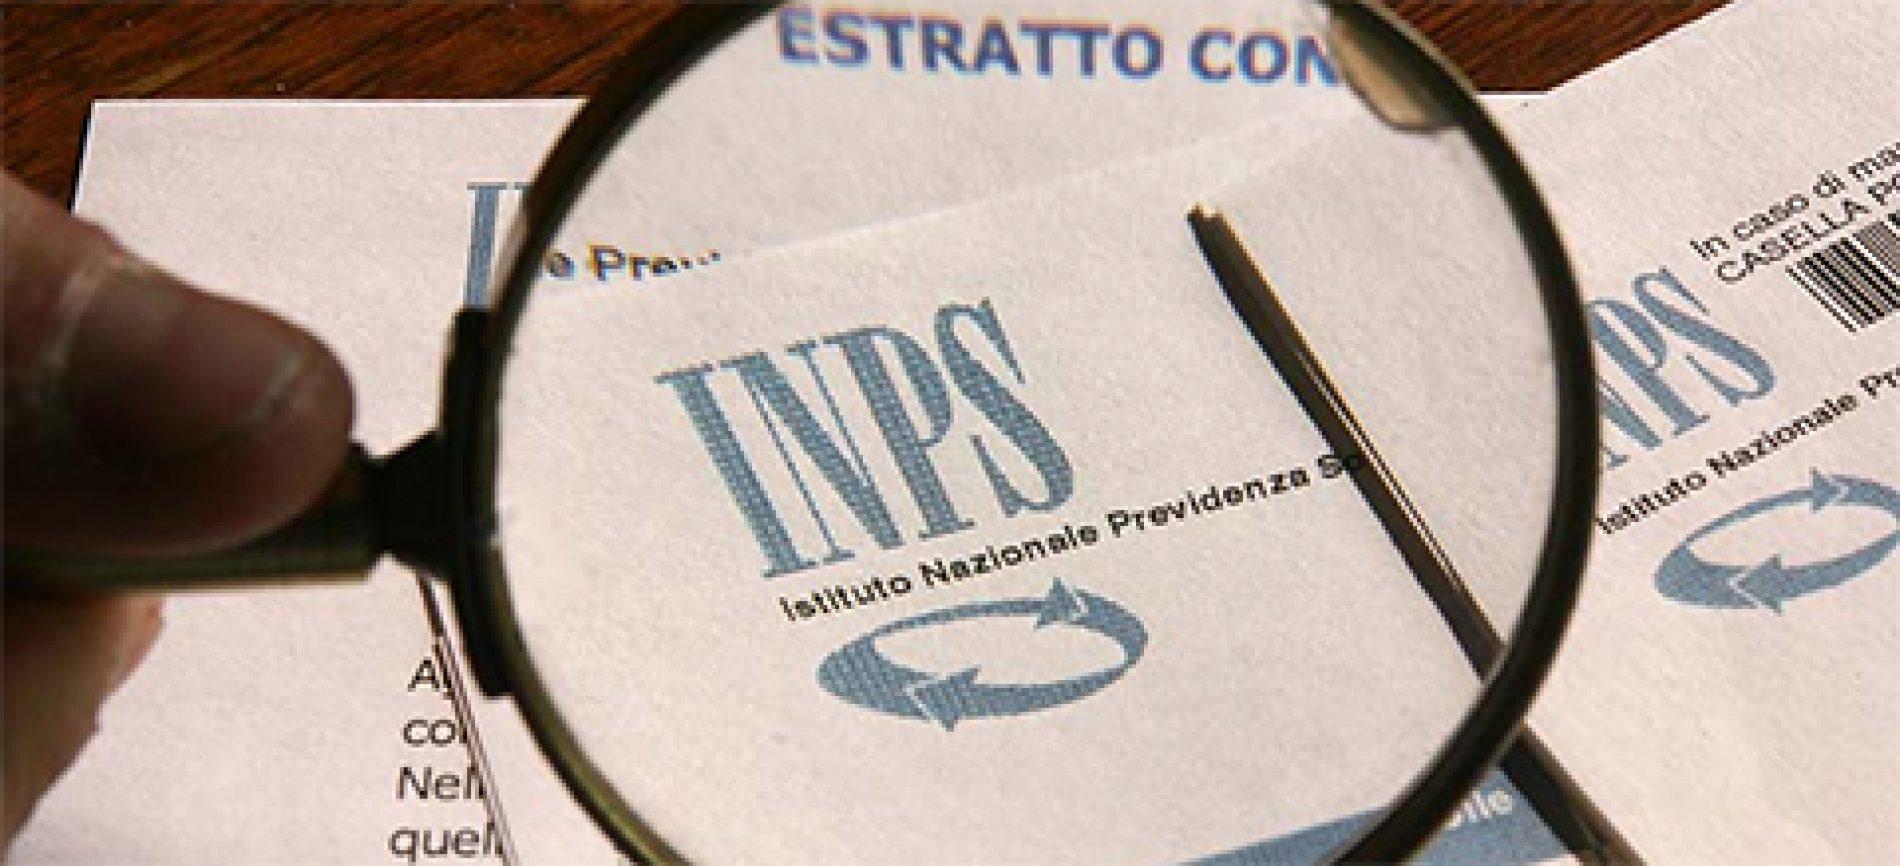 La minaccia (via Inps) alla previdenza complementare